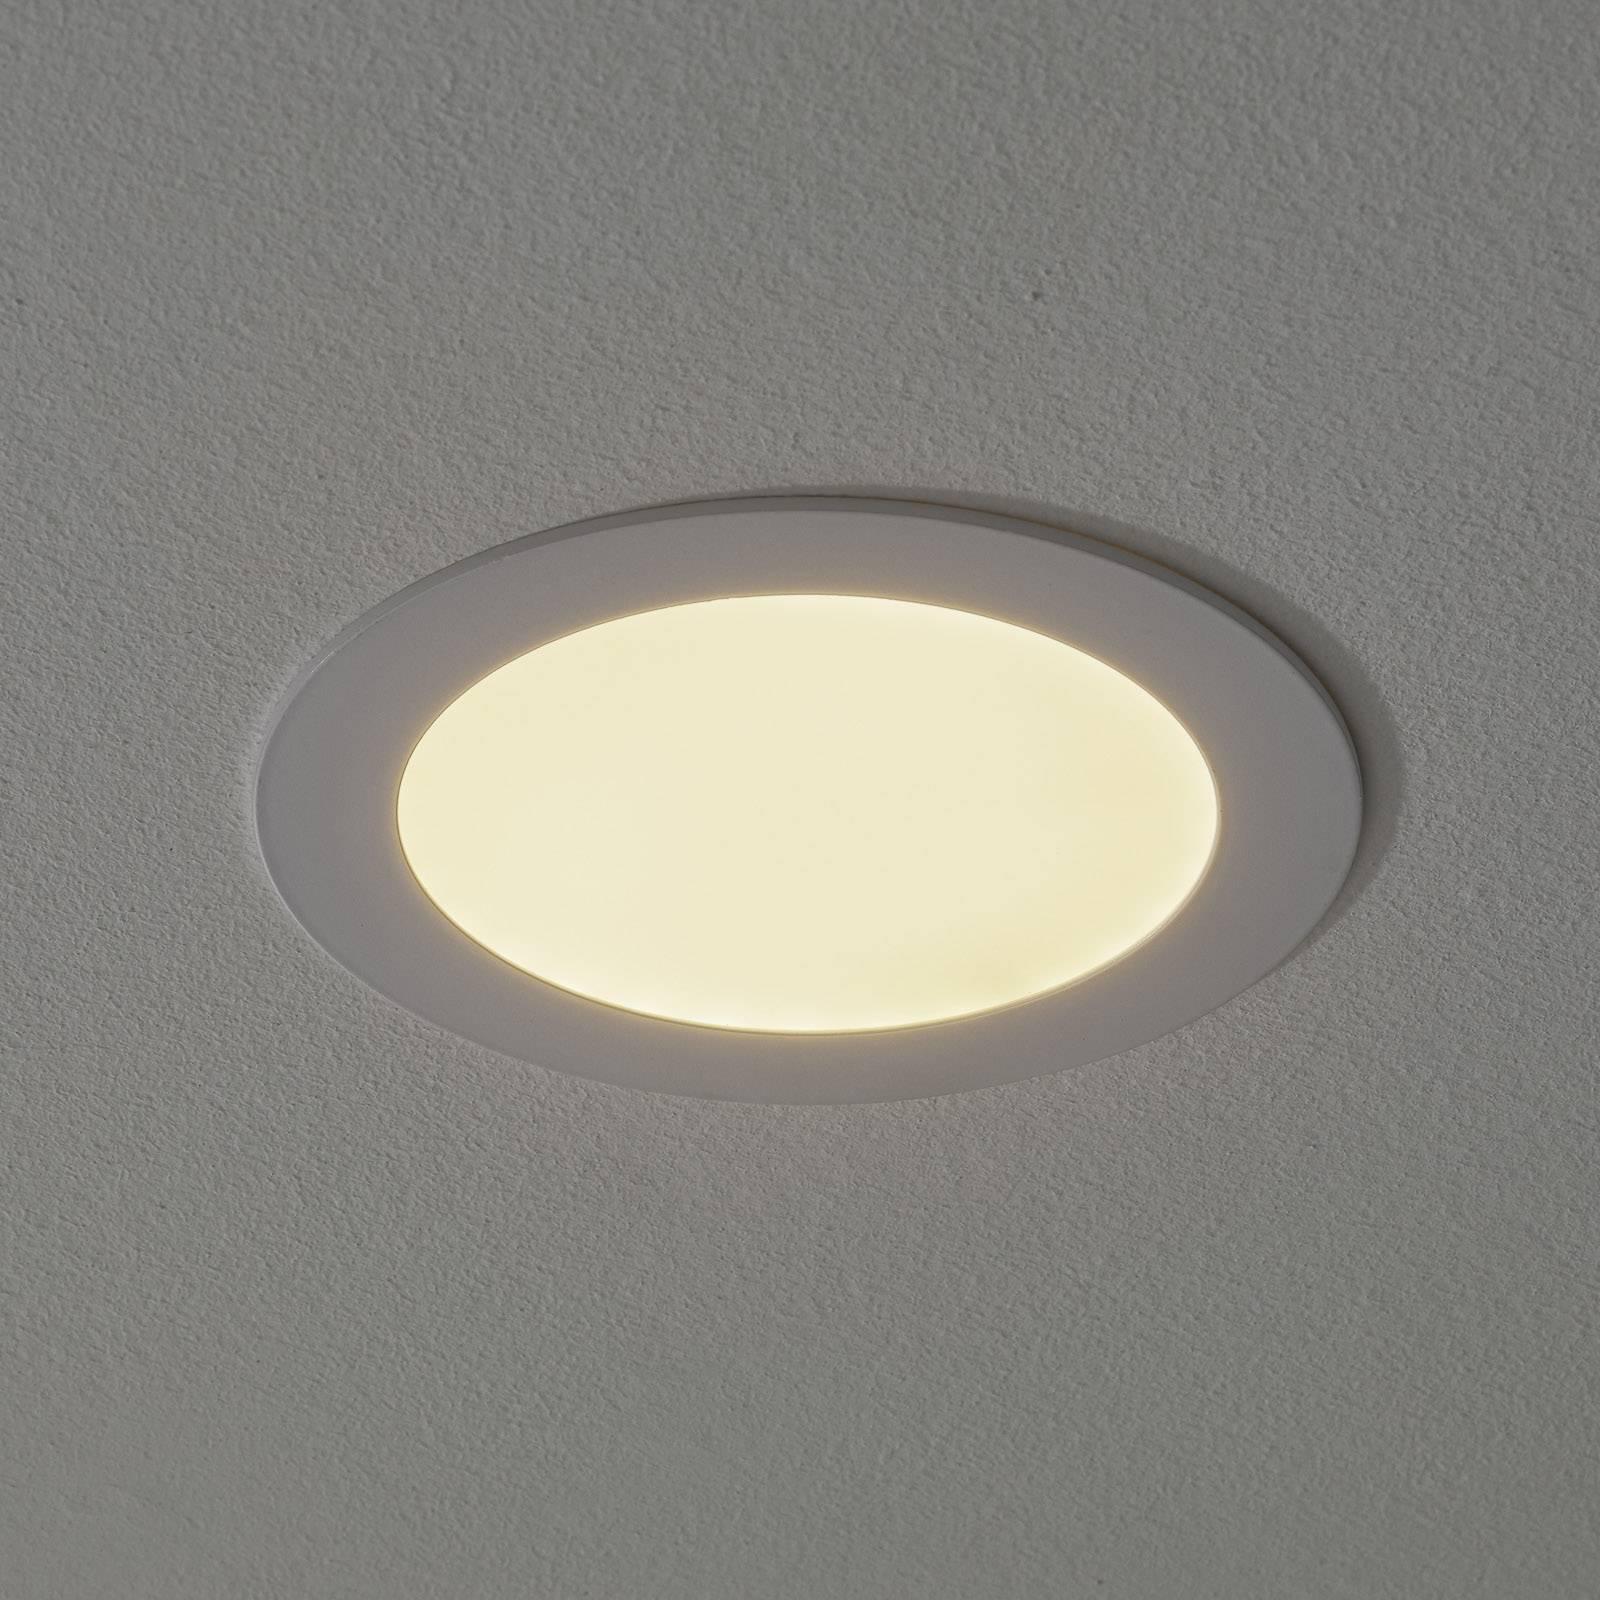 Lampada LED da incasso Fueva-Connect 17 cm bianca